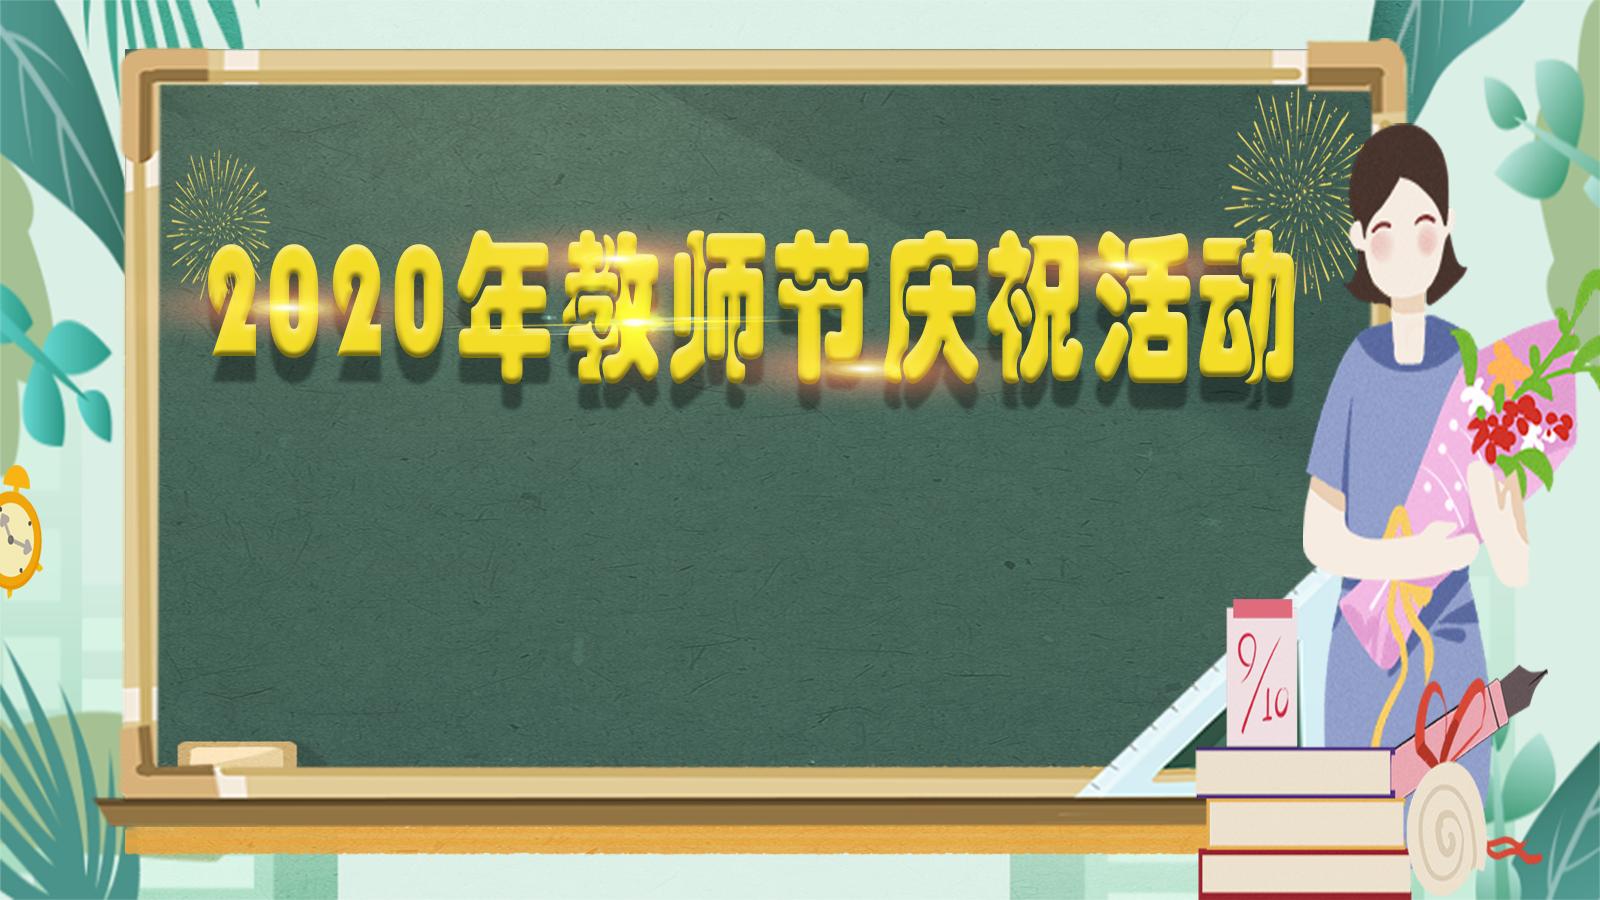 【专题】2020年教师节庆祝活动